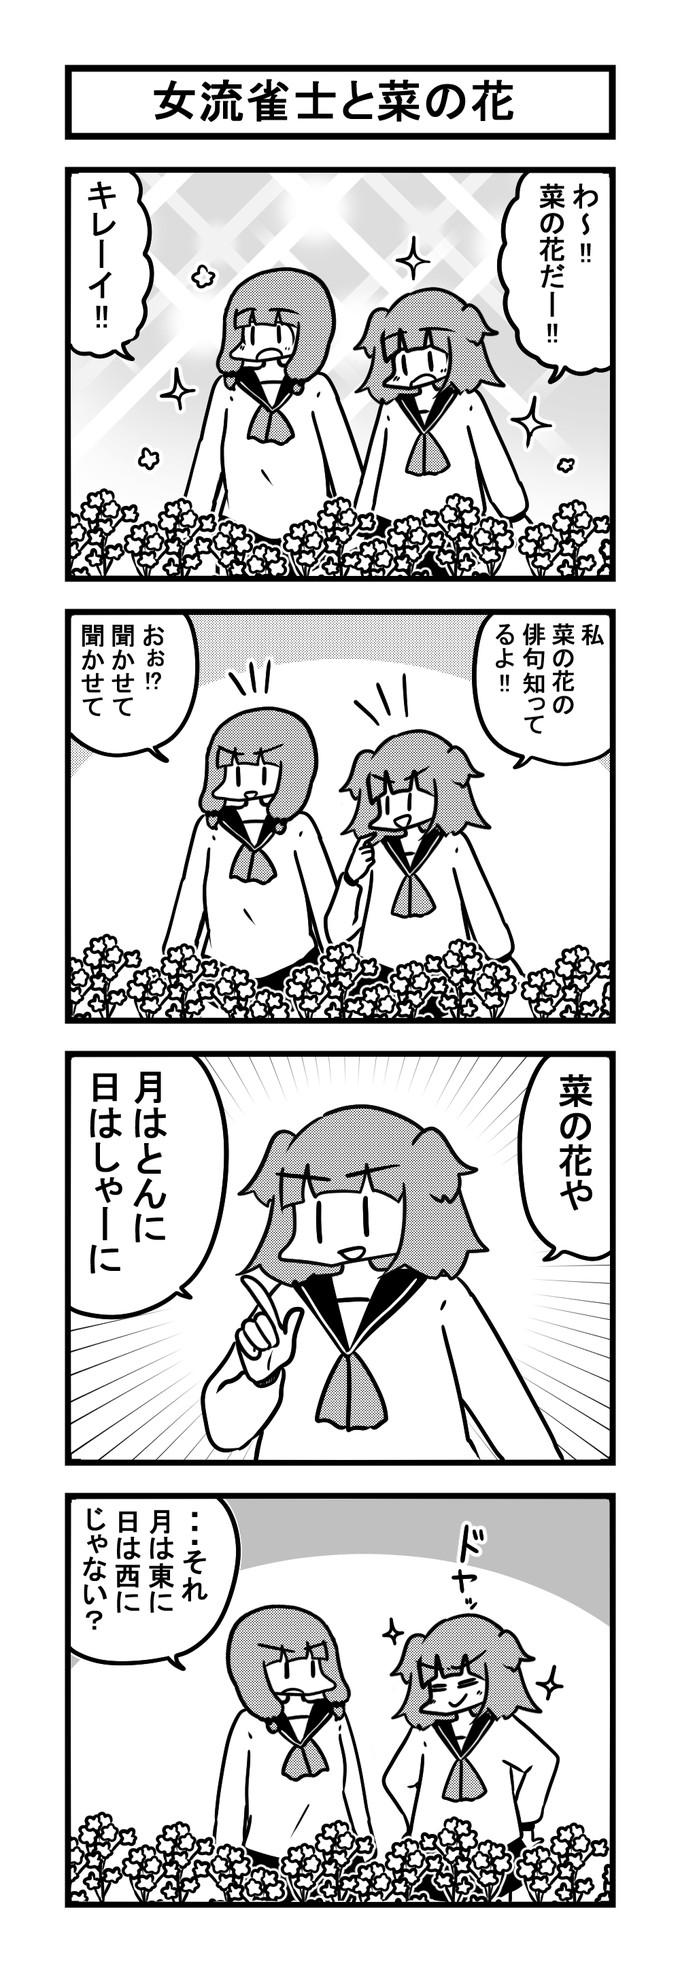 1062女流雀士と菜の花-min